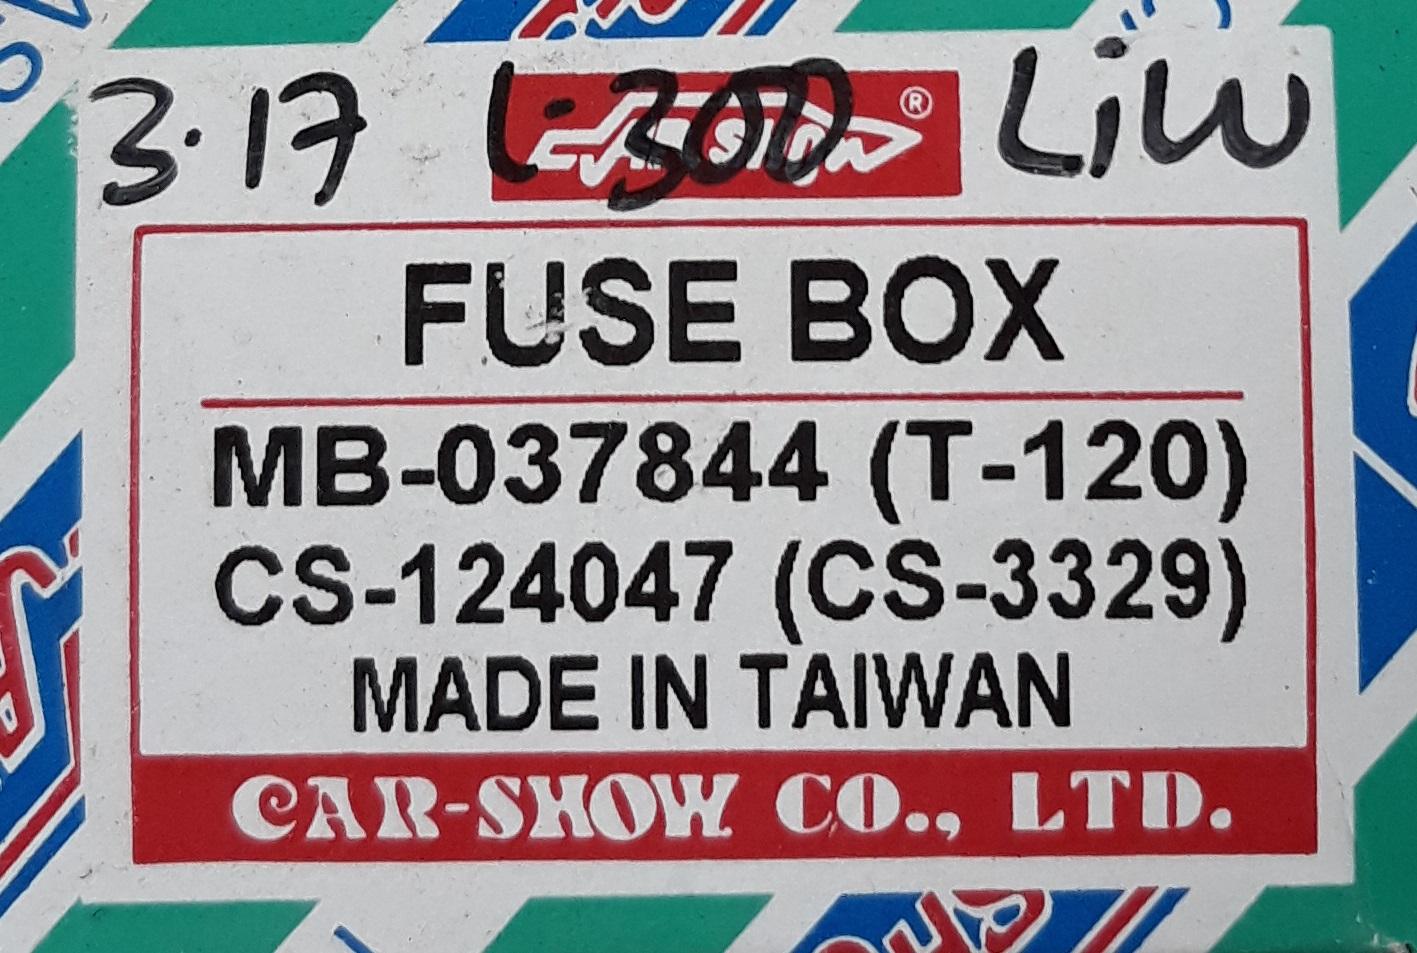 Box Sekring L300 Colt T120 Lama Safari Motor Barabai Fuse